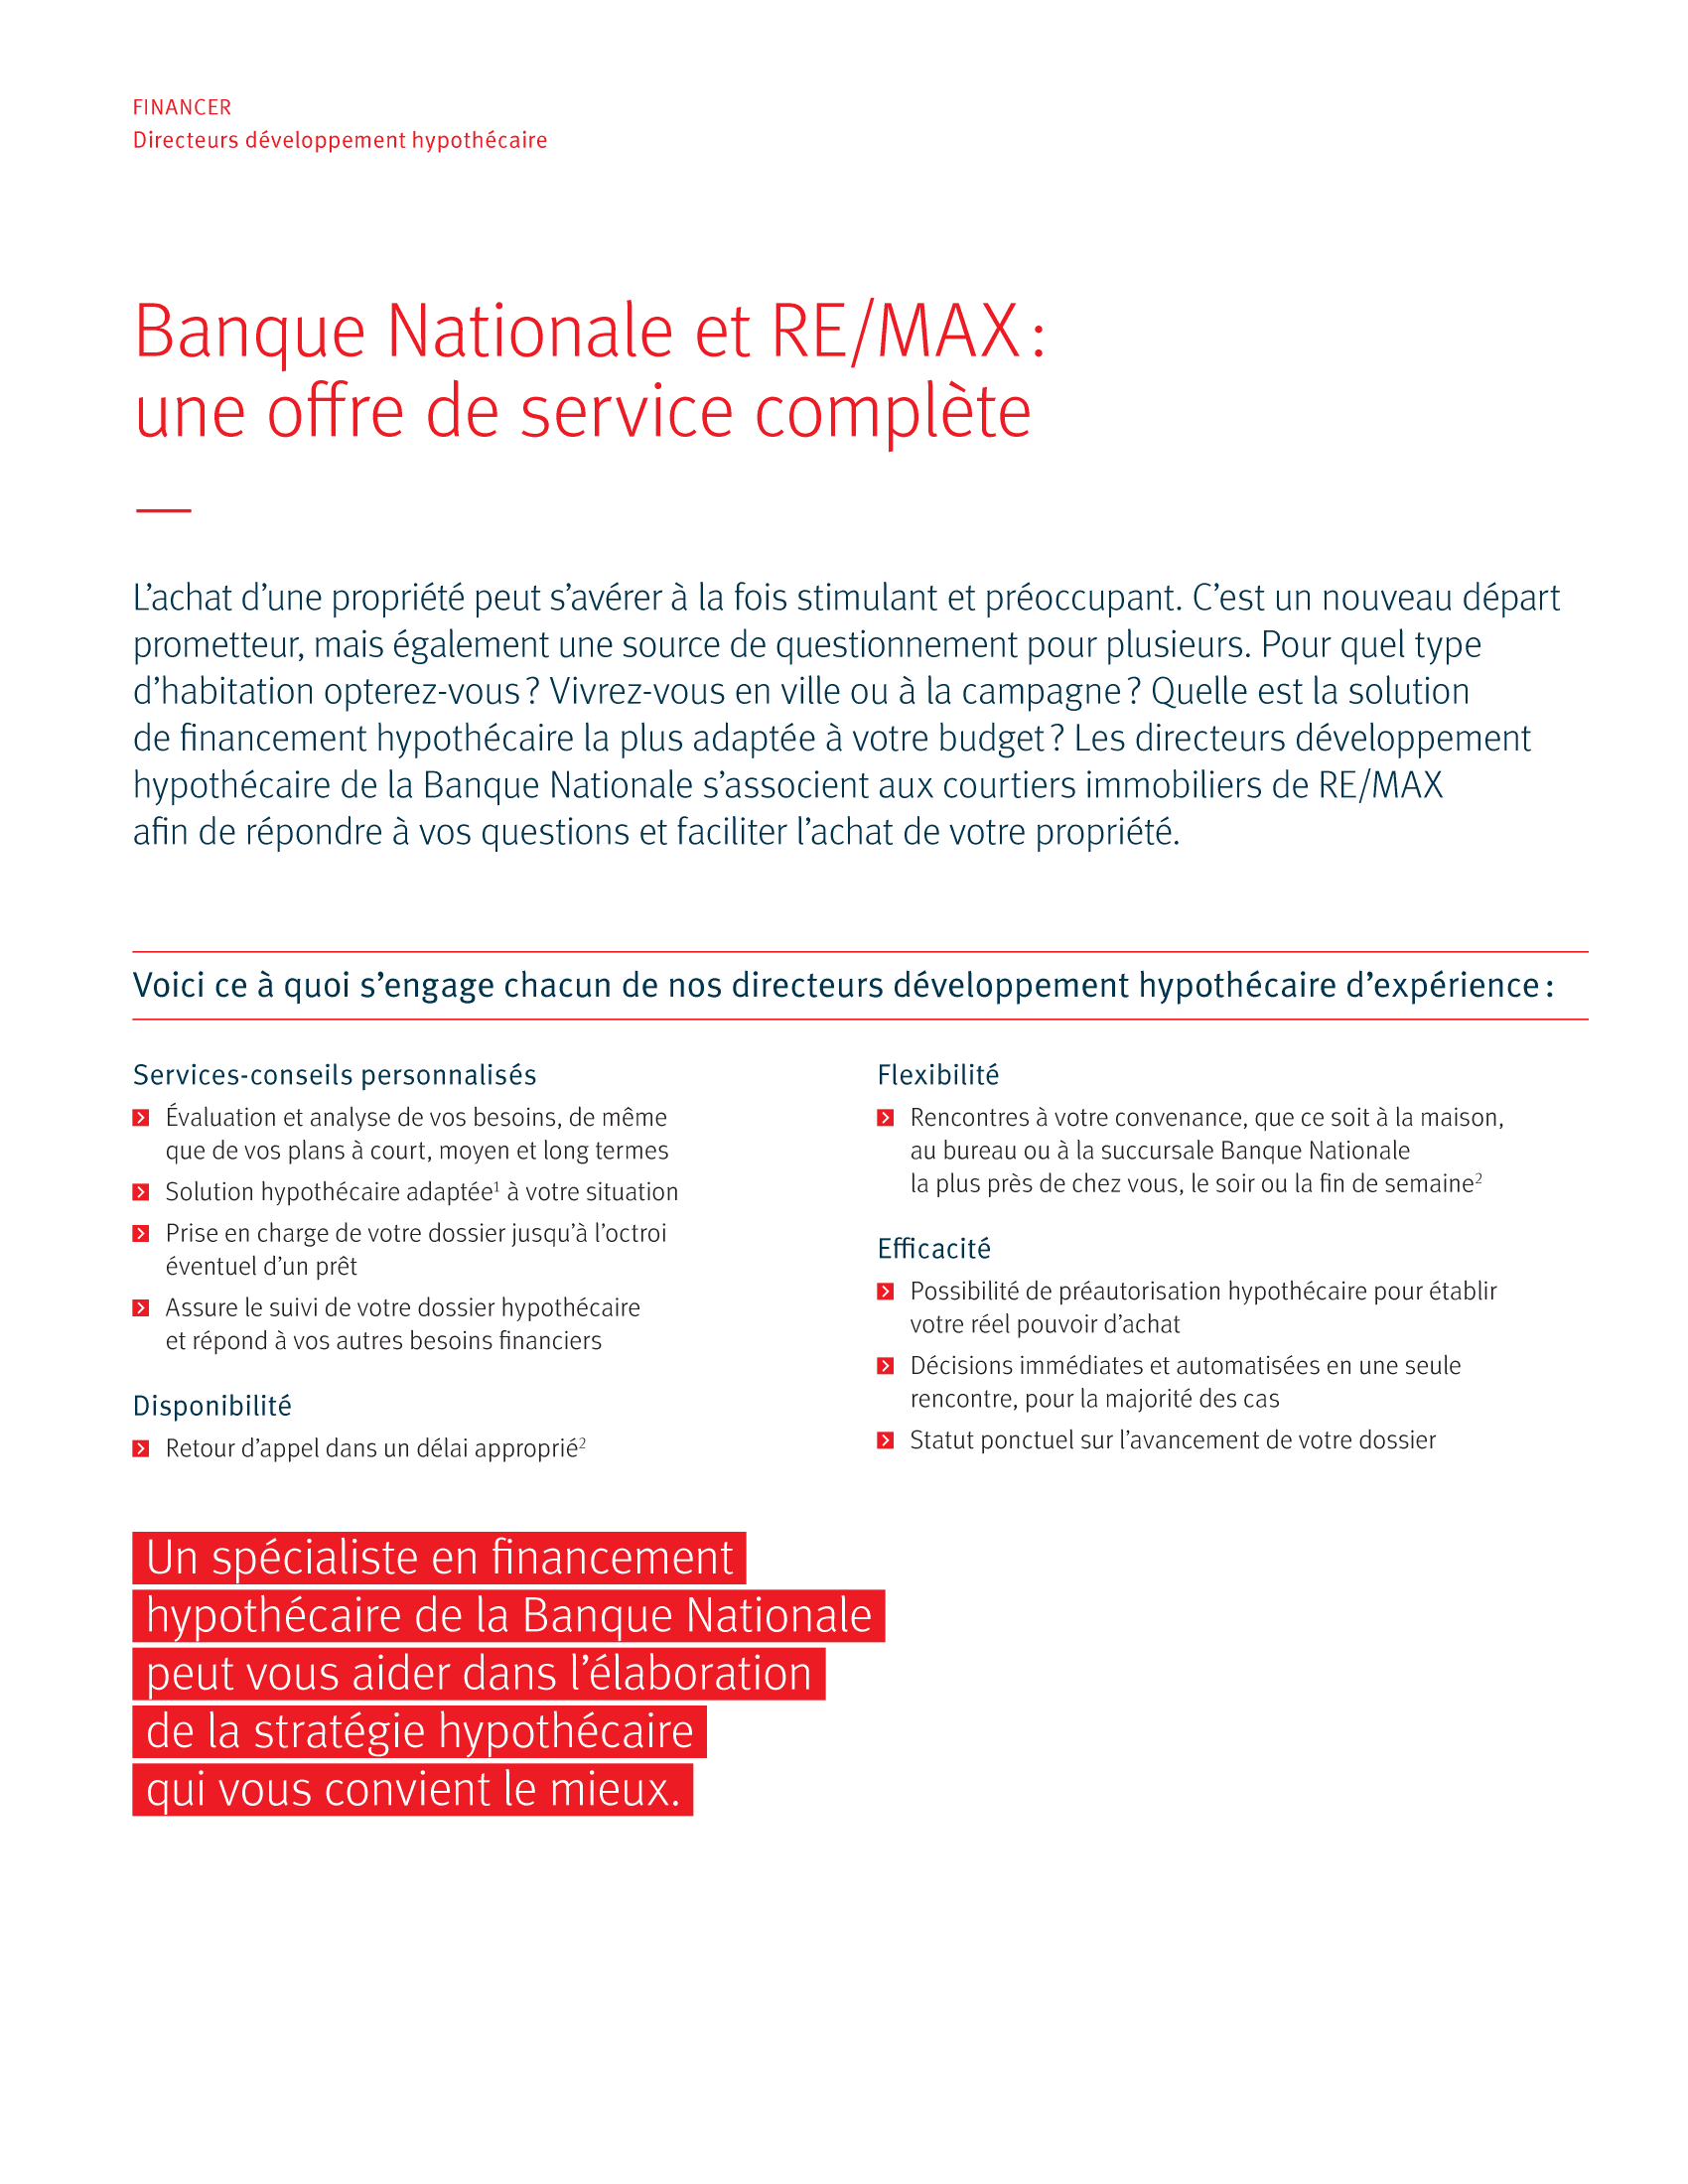 2 | Dépliant « Un partenariat riche en avantages » - RE/MAX